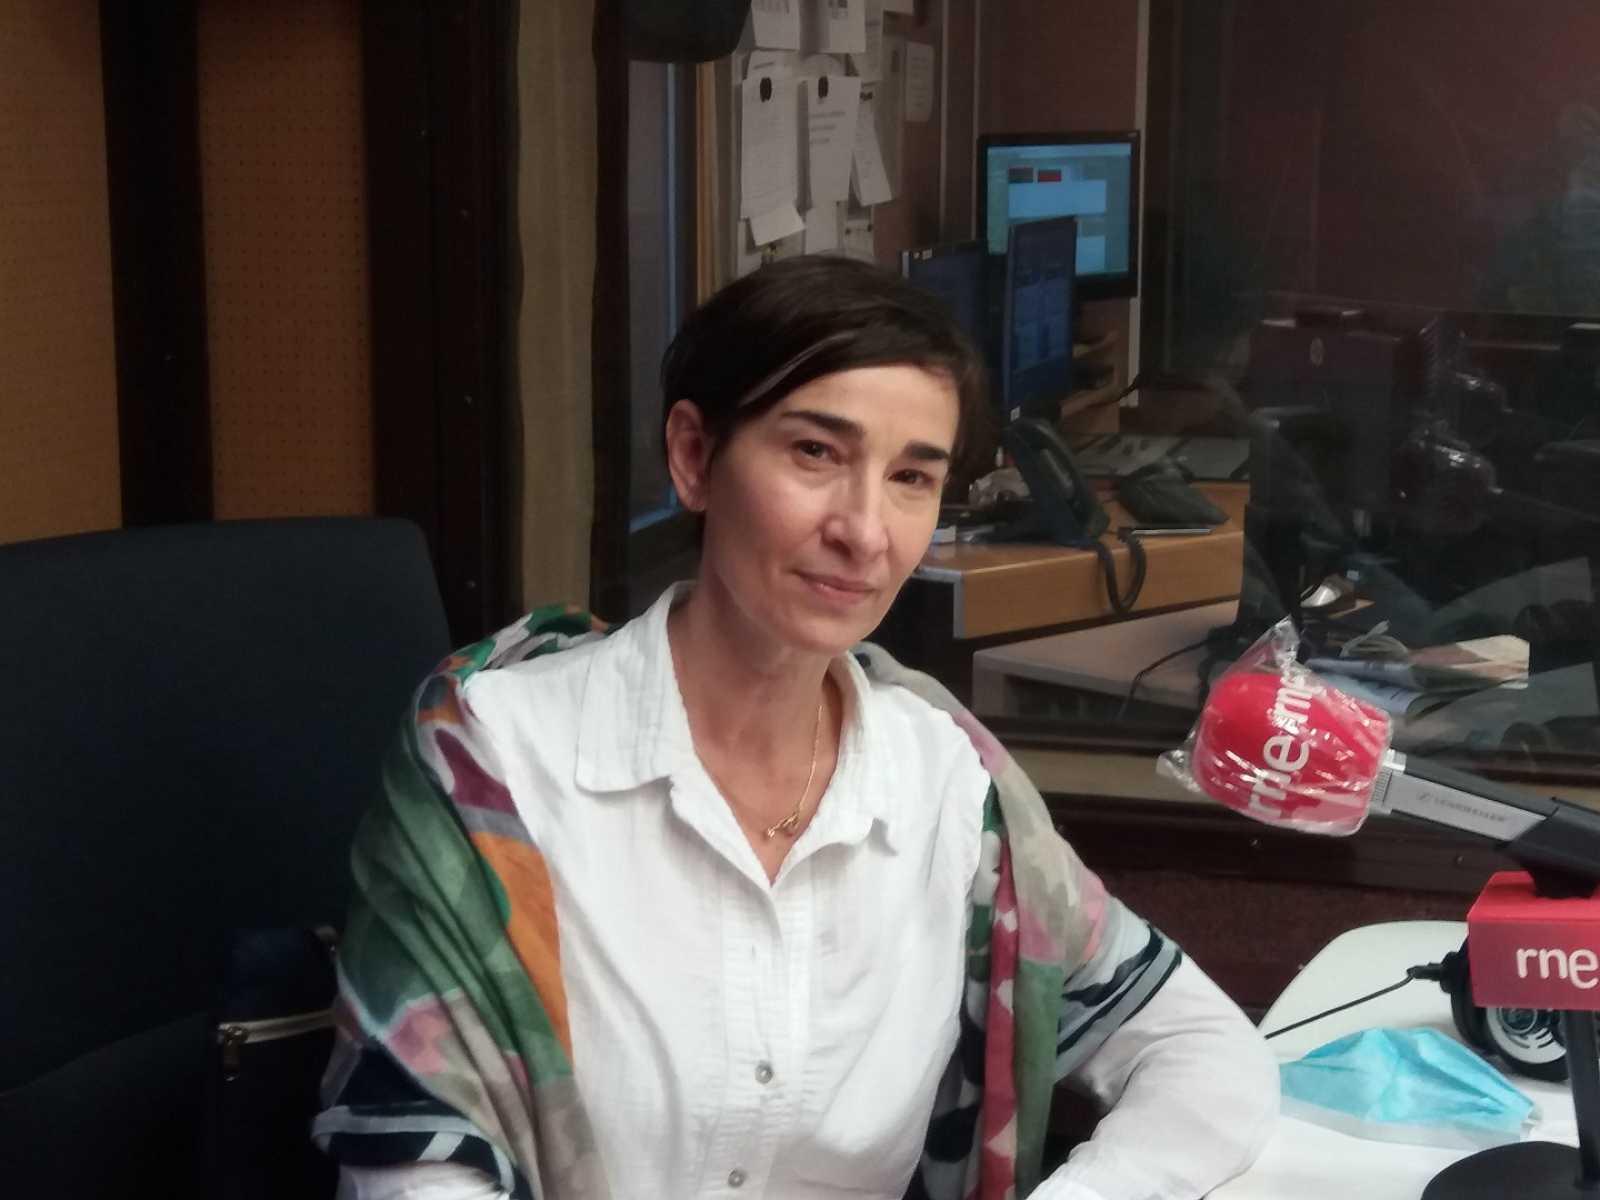 entrevista-navarra-ela-ibon-gericon--2511 1504423 2020-11-25t09-04-17000 - escuchar ahora